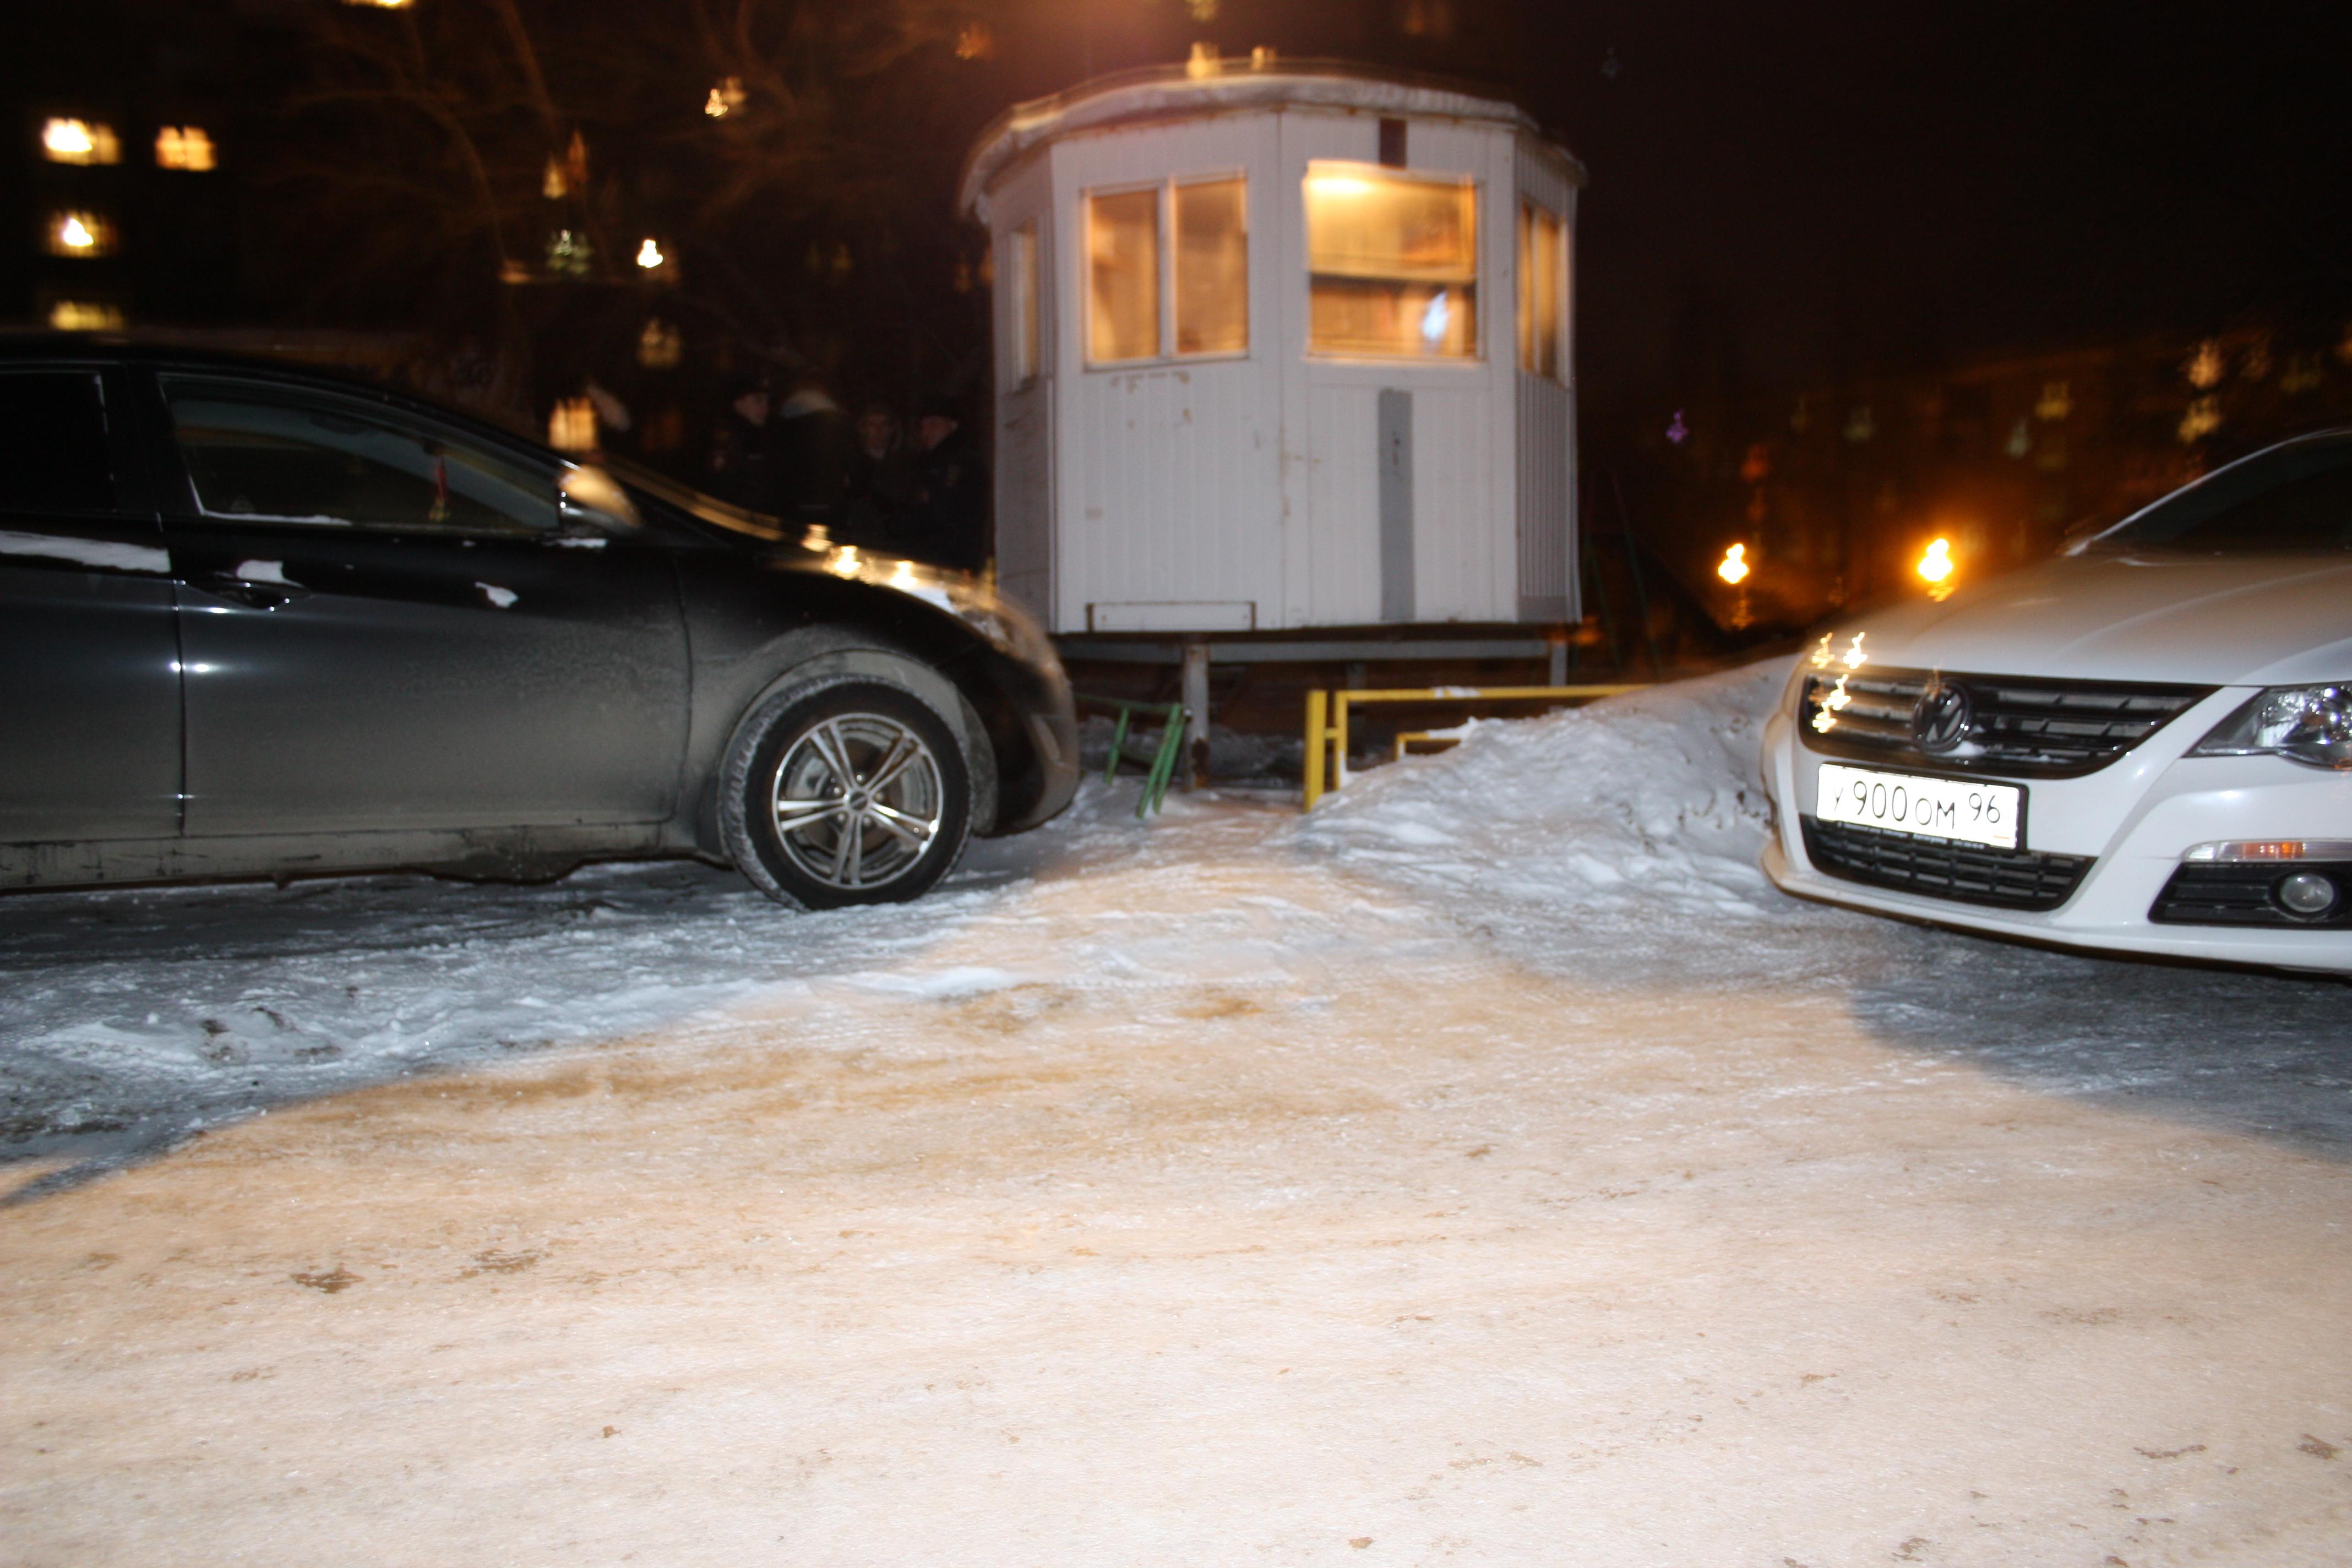 «Материал будет отказной»: корреспондент 66.ru провел ночь в полиции вместе с гоп-парковщиком